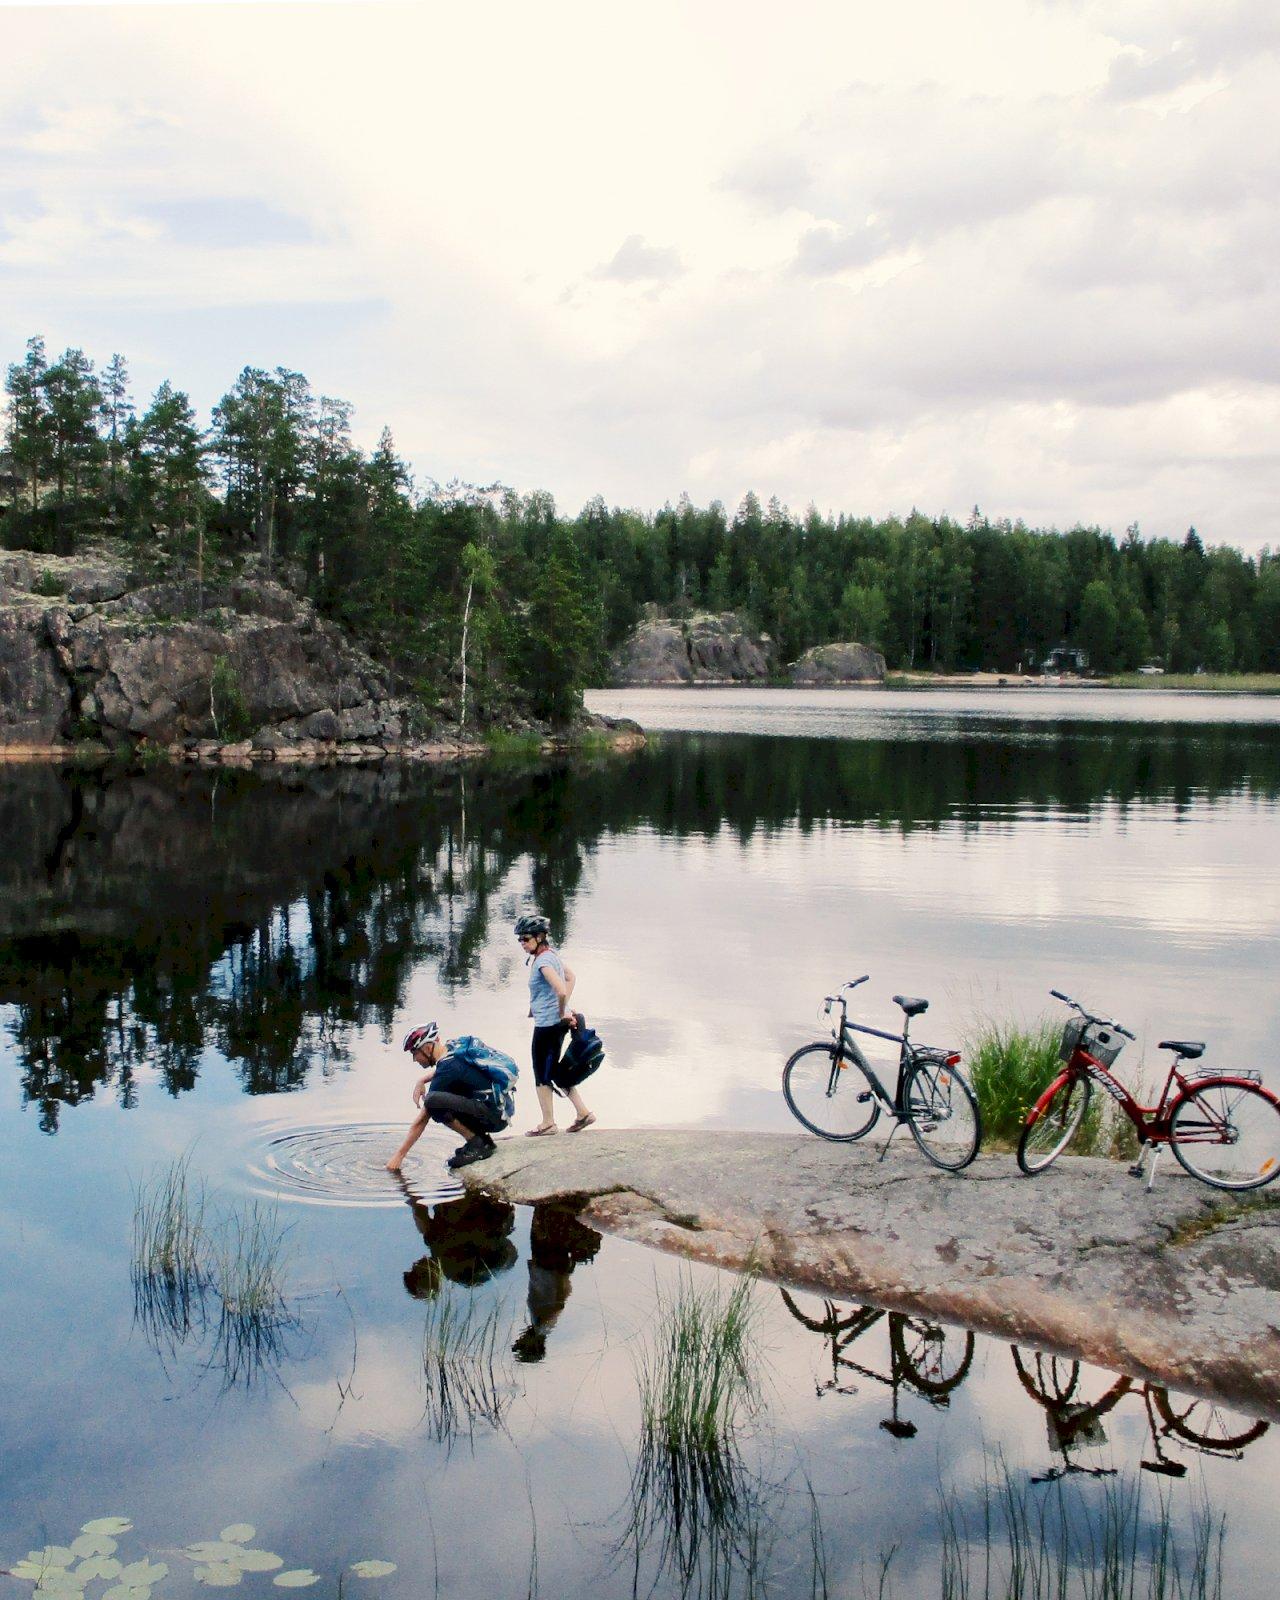 Kaksi pyöräilijää ovat pysähtyneet järven rannalle Saimaan saaristoreitin varrella.